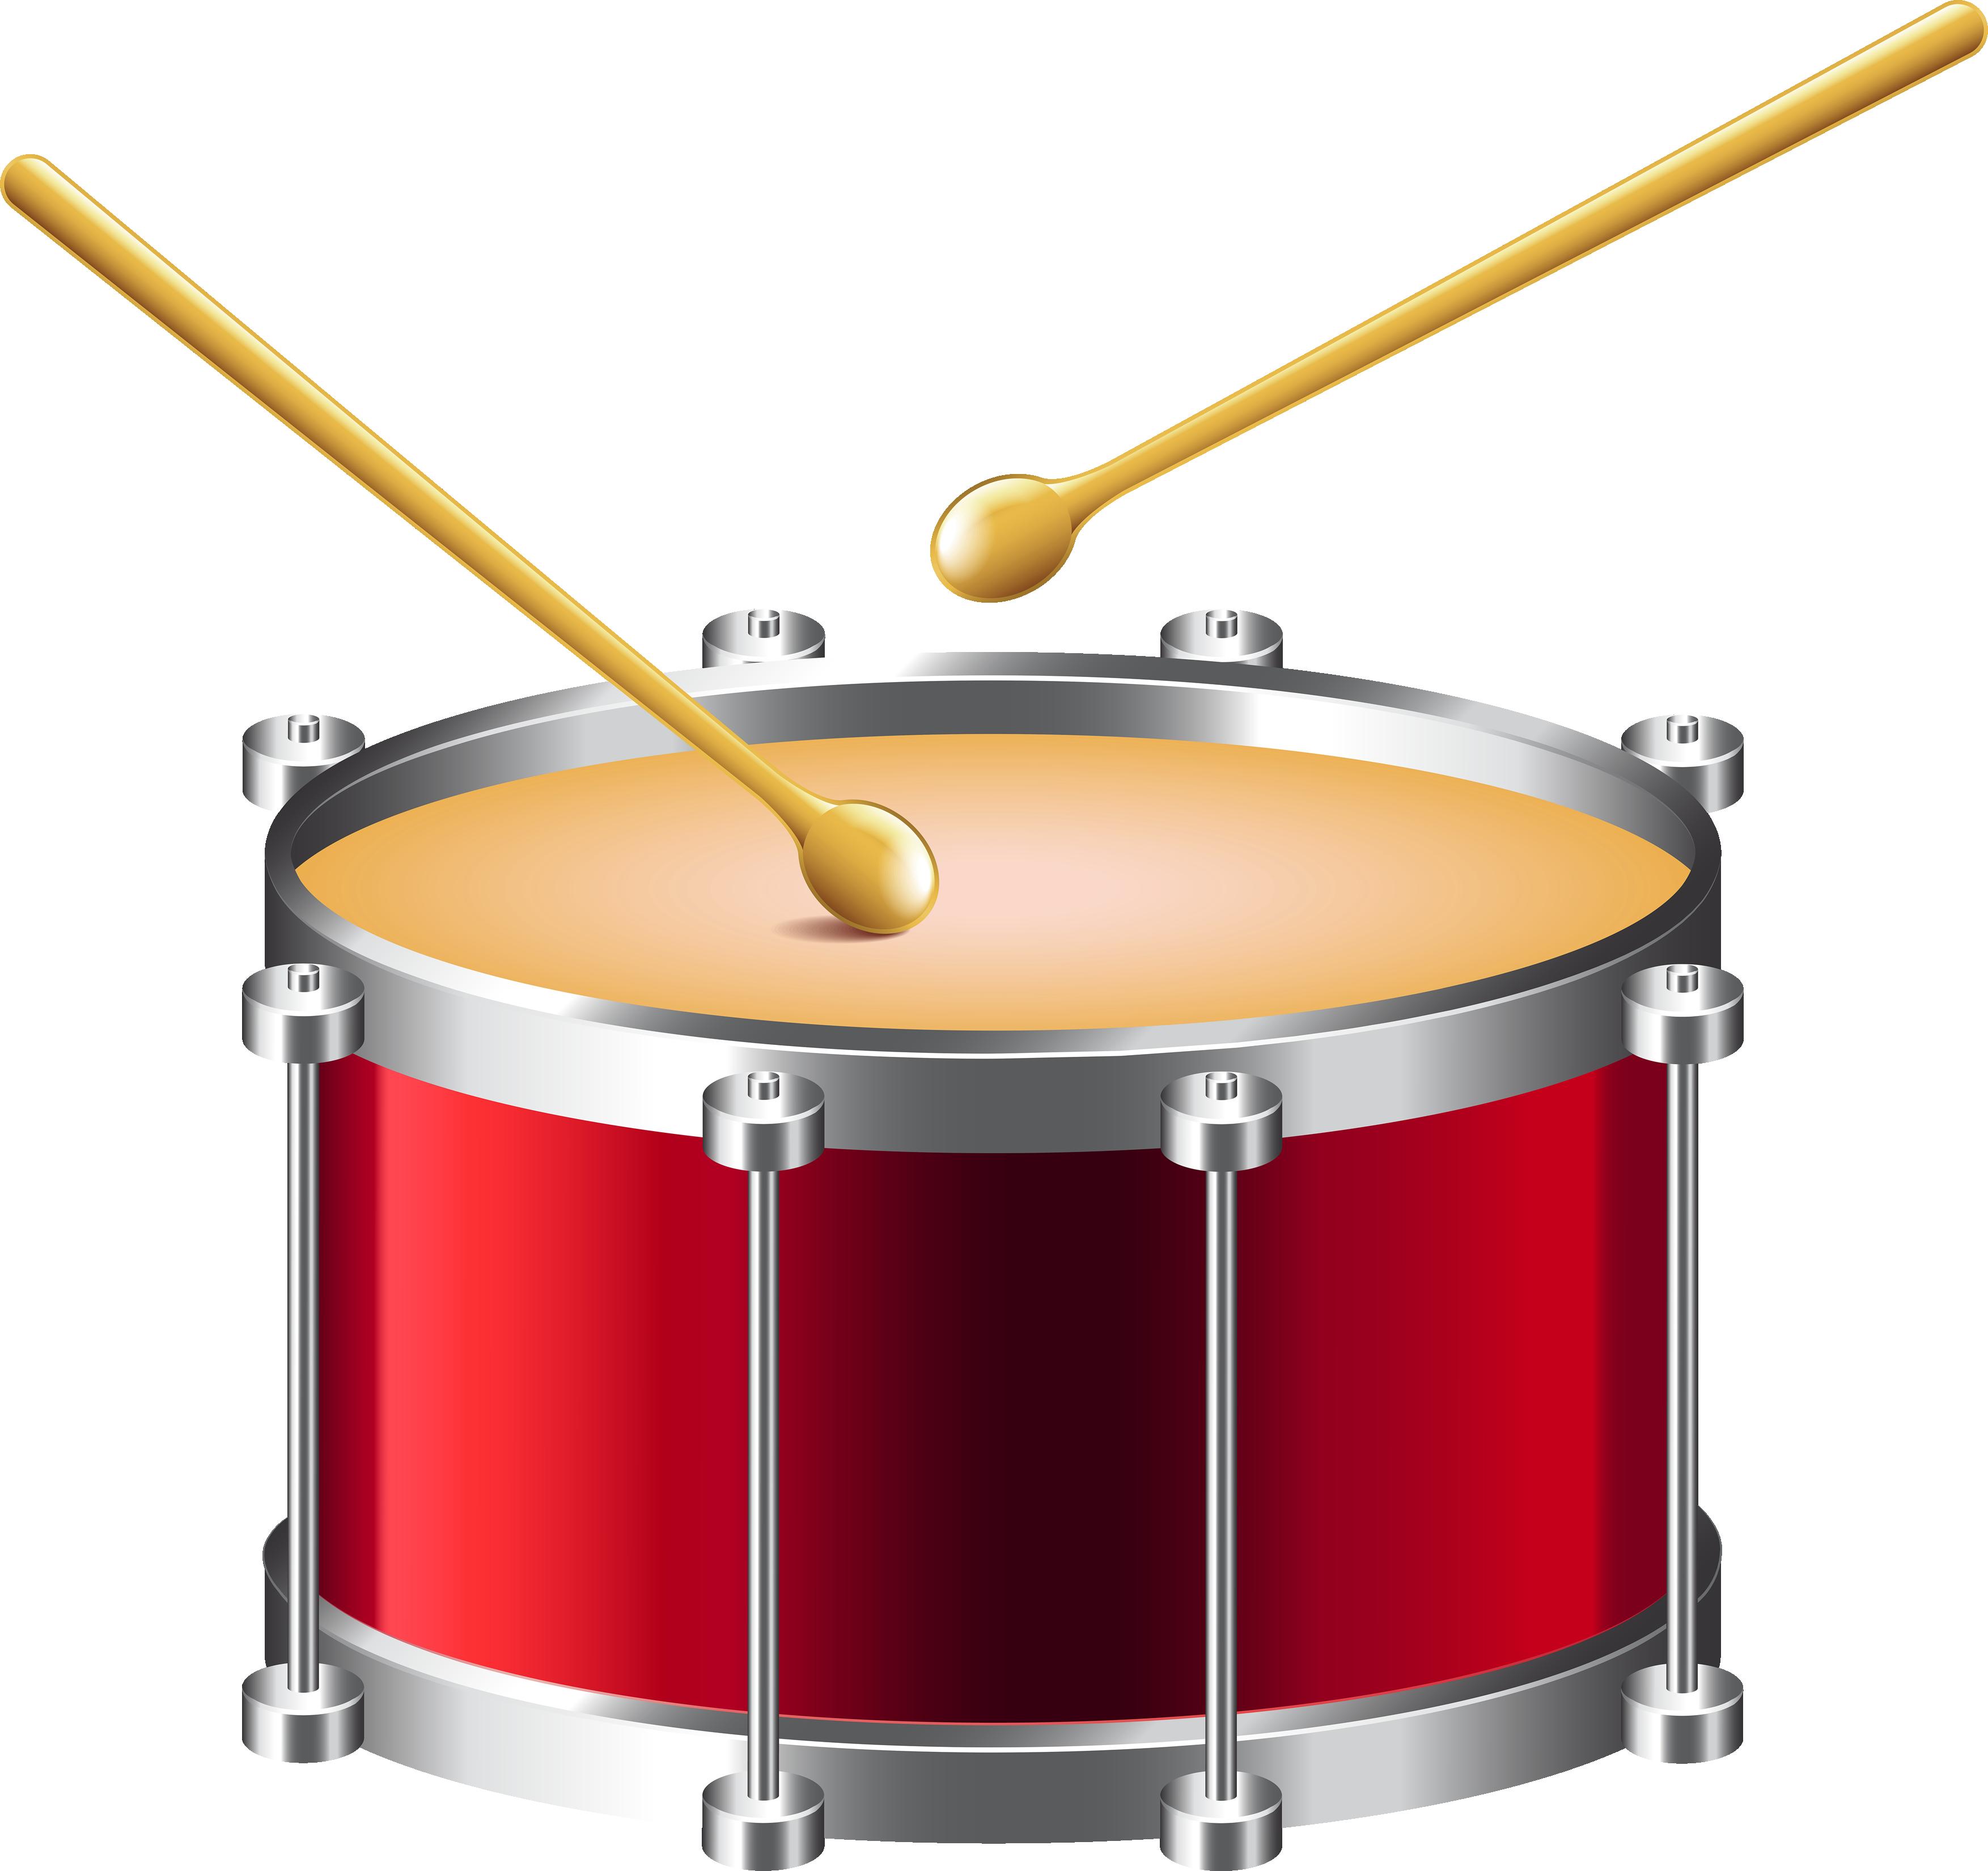 Drums Kit Png Image Drums Art Images Clip Art